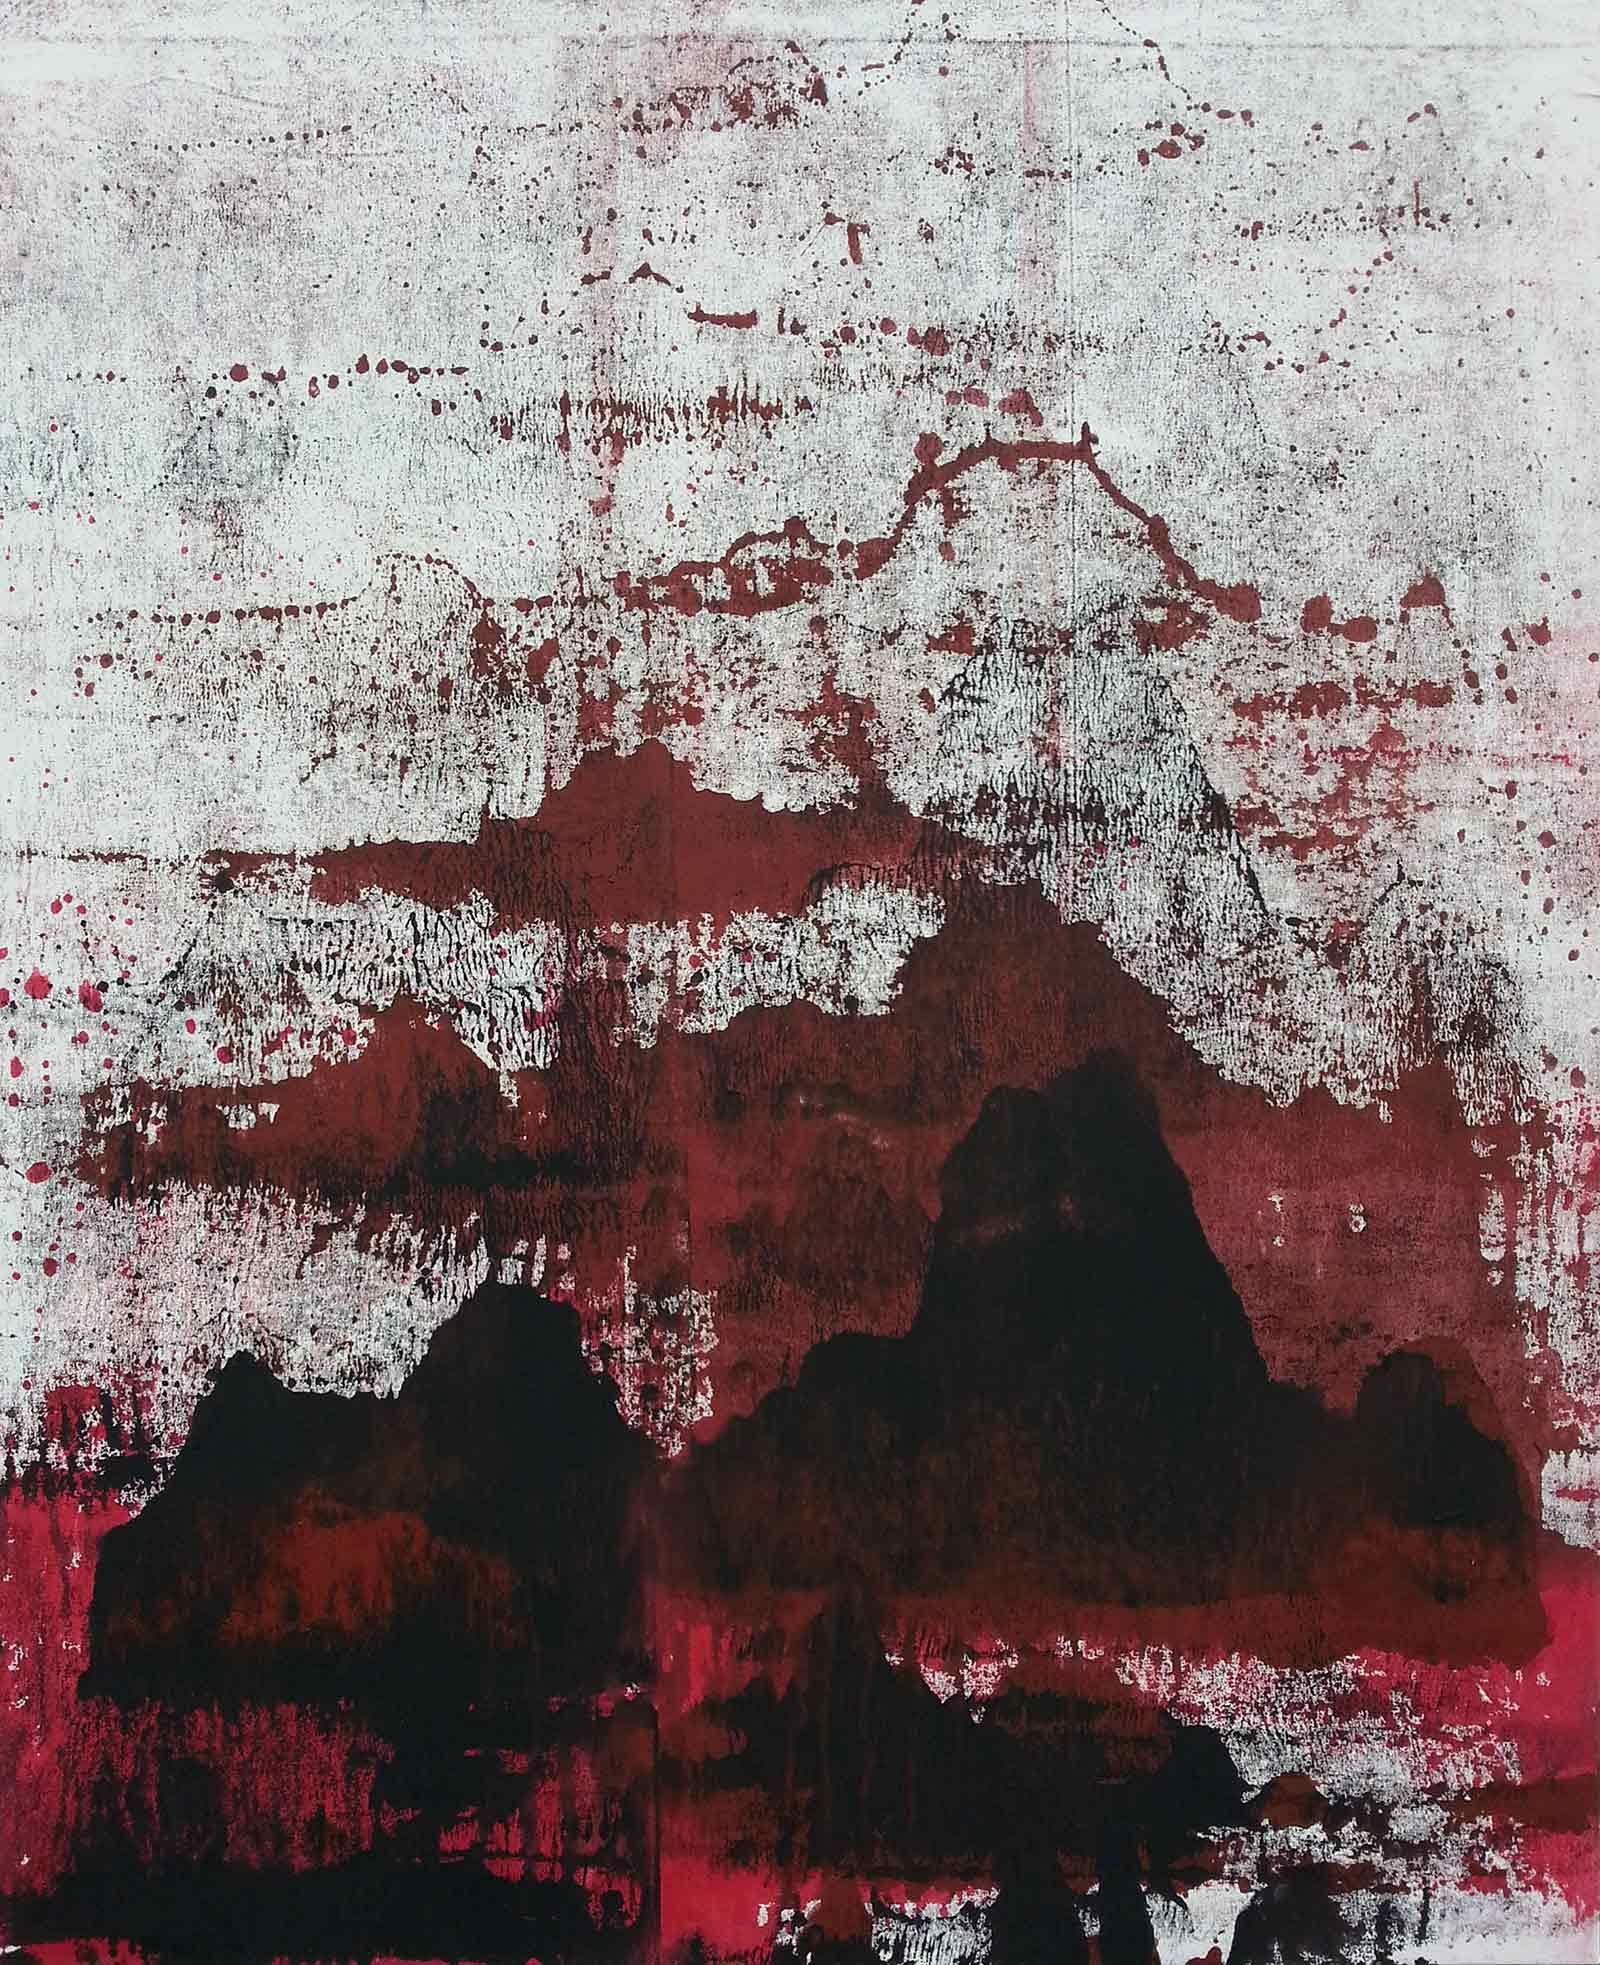 arthouse-hejtmanek-tyden-umeni-habl